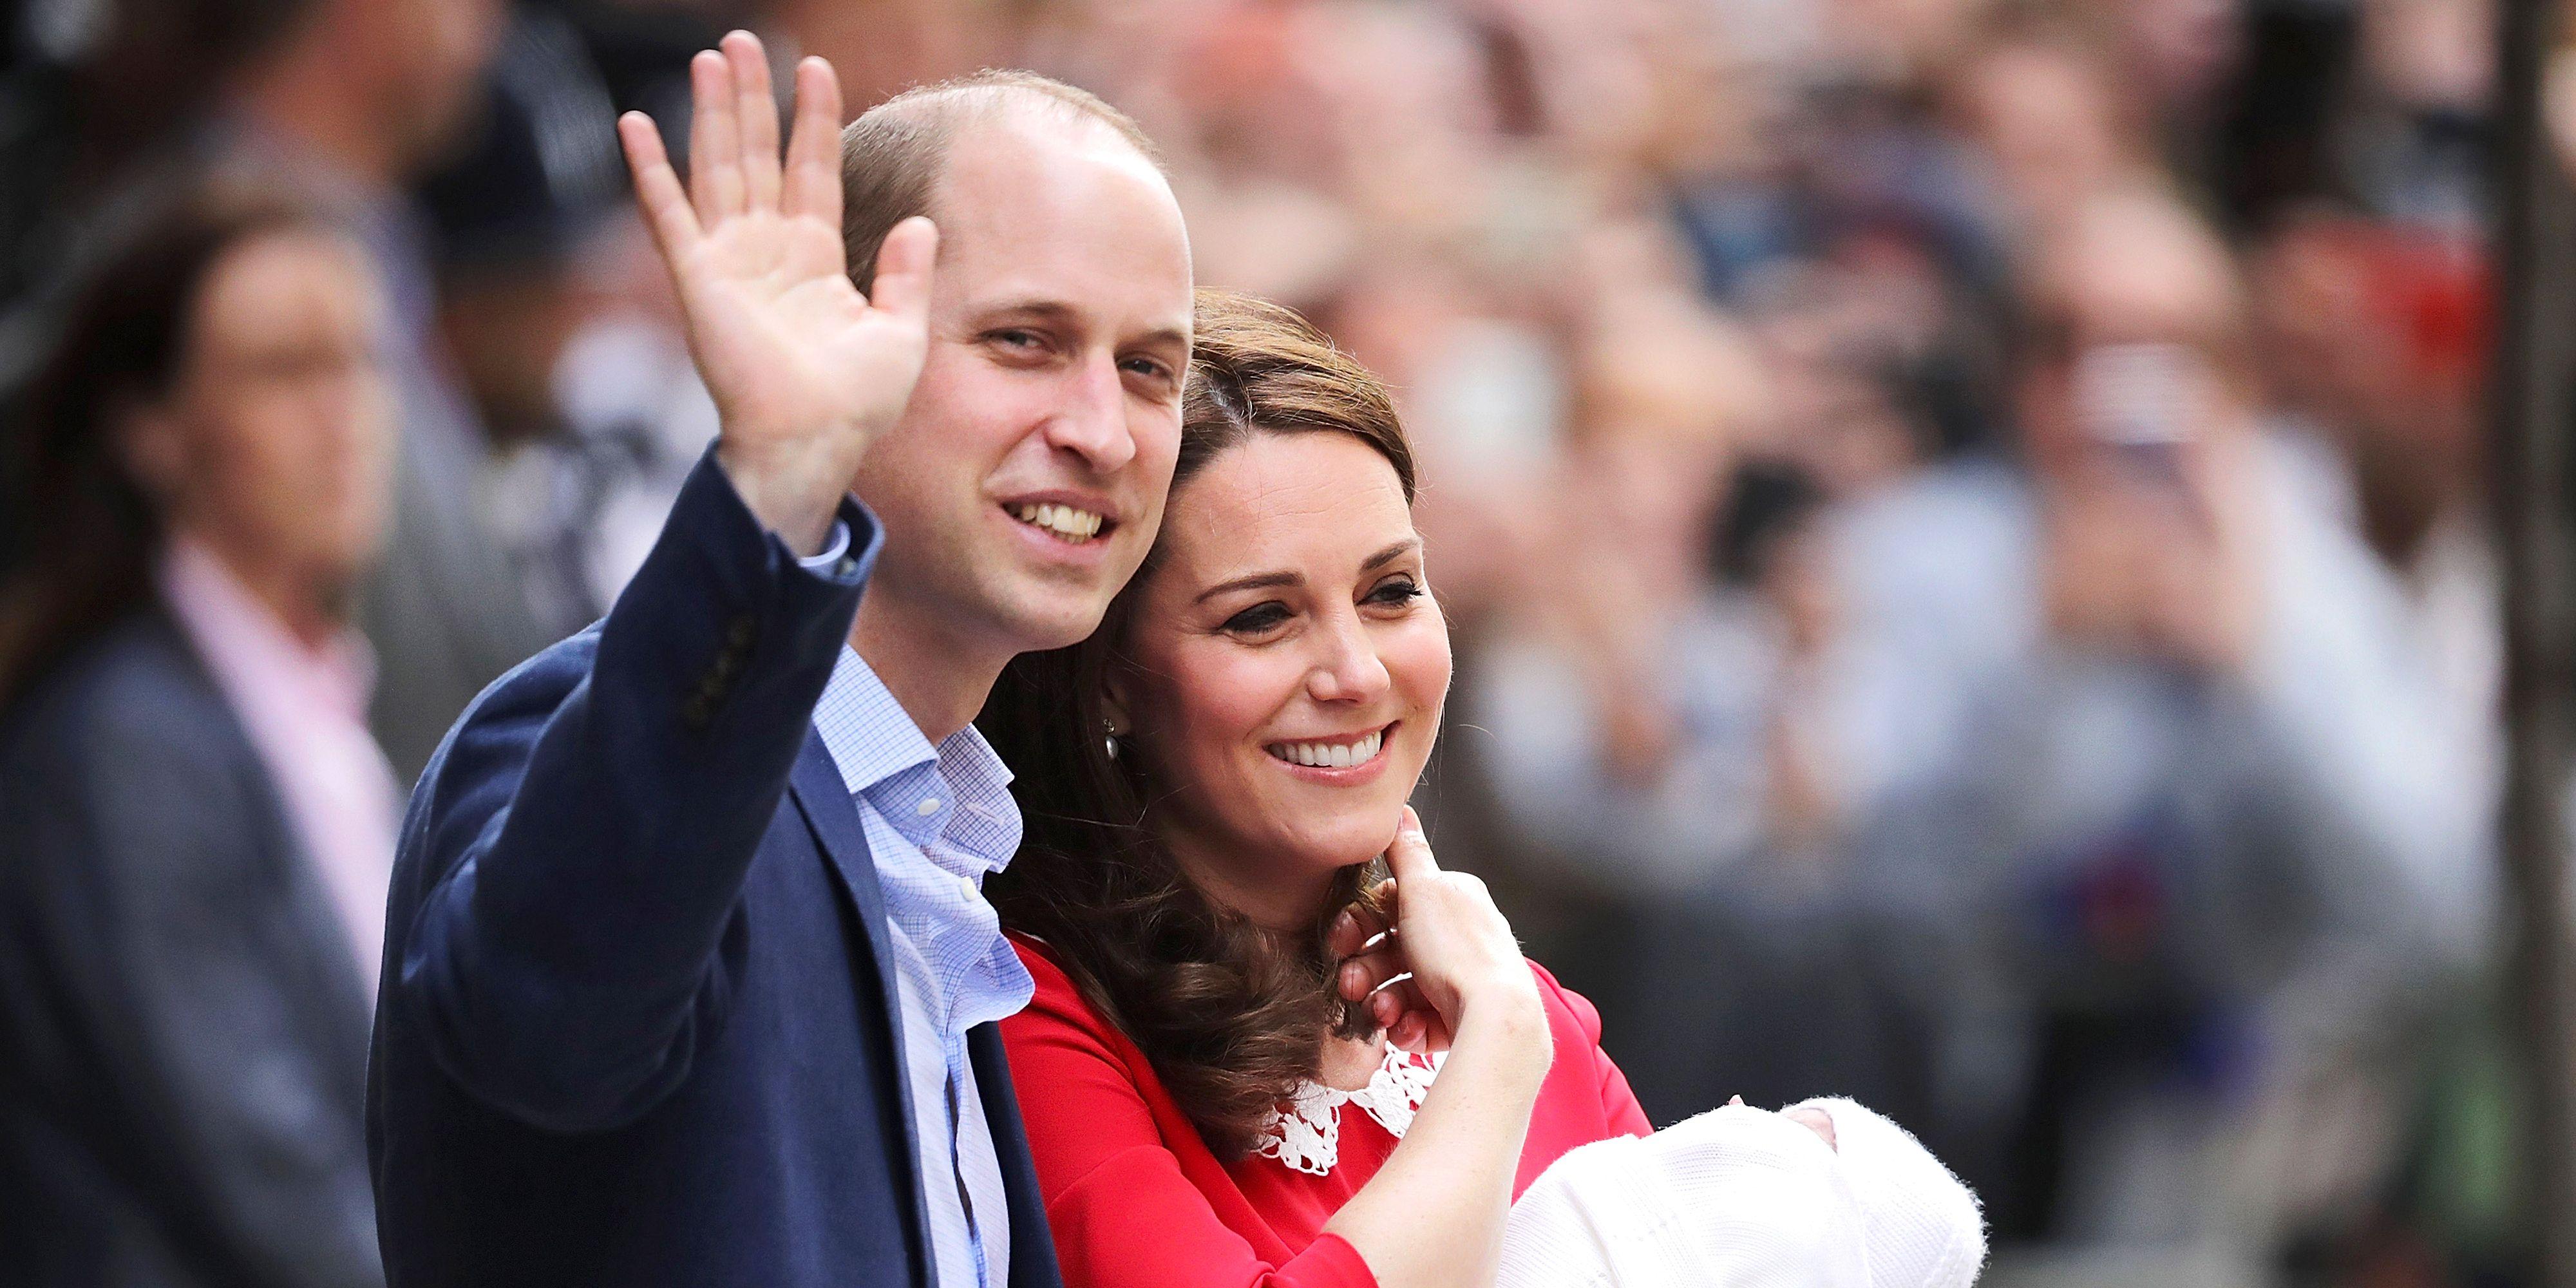 Prince William Kate Middleton royal baby waving